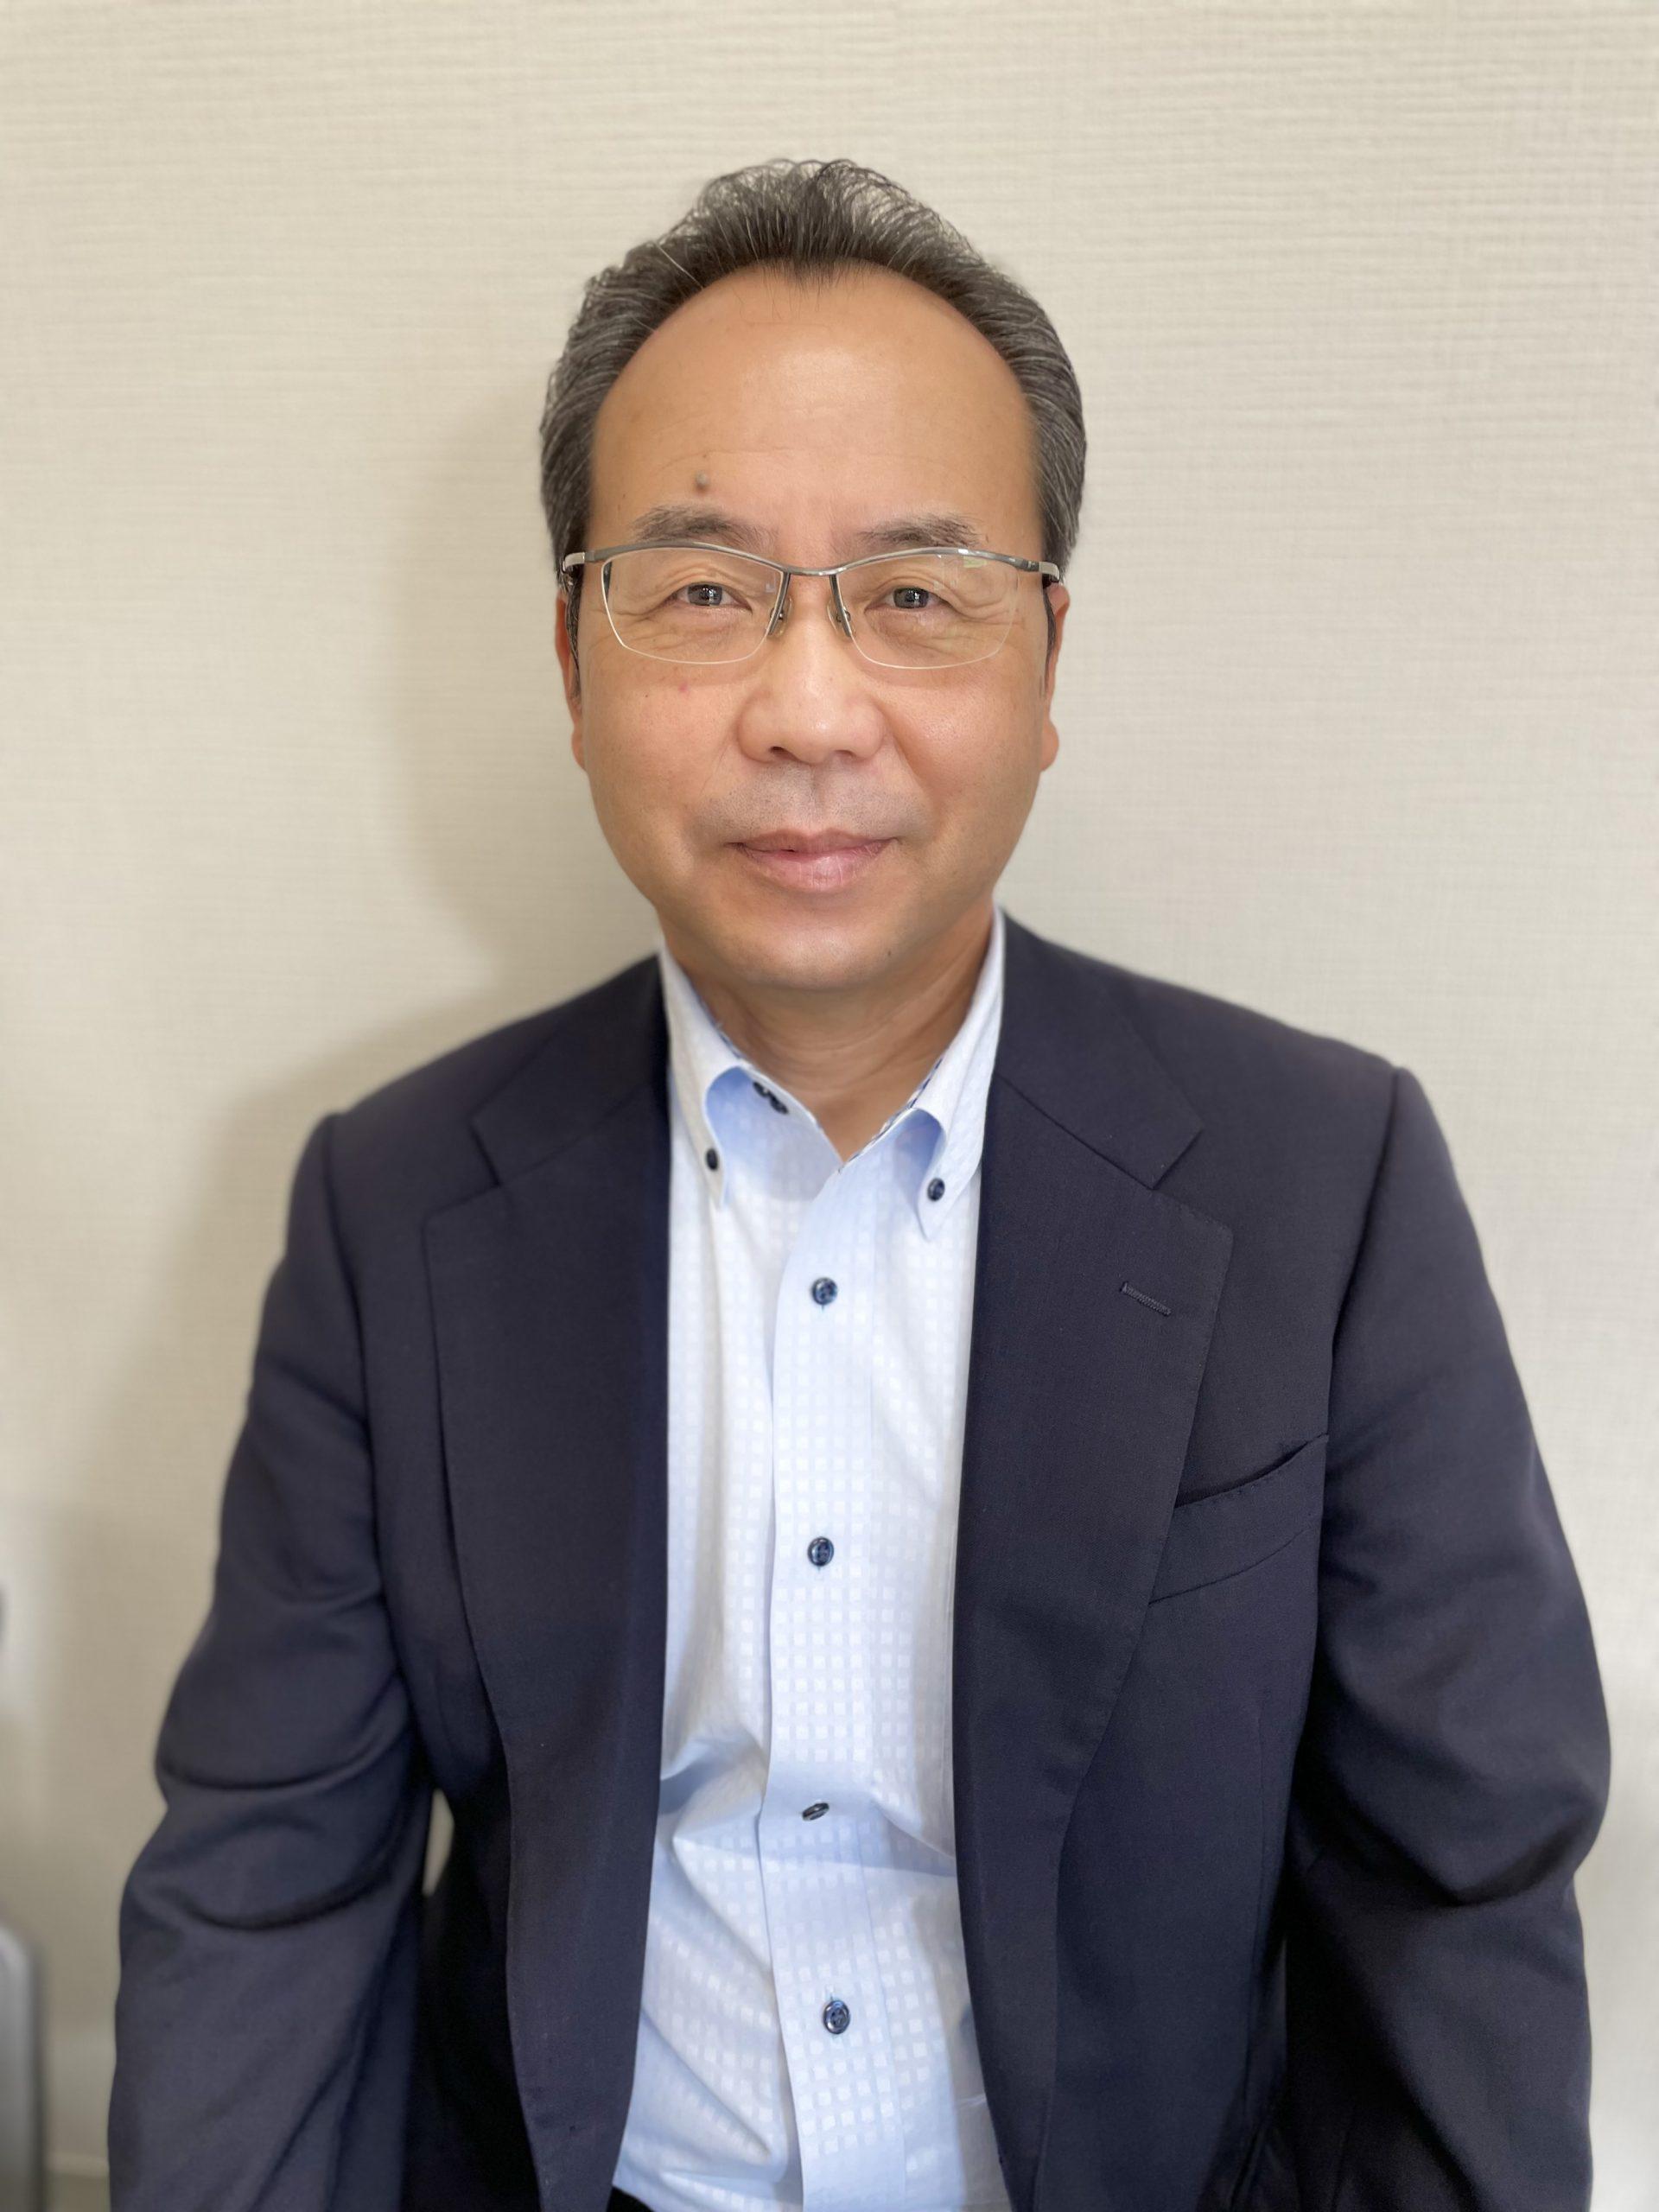 Toshimi Nagaoka President